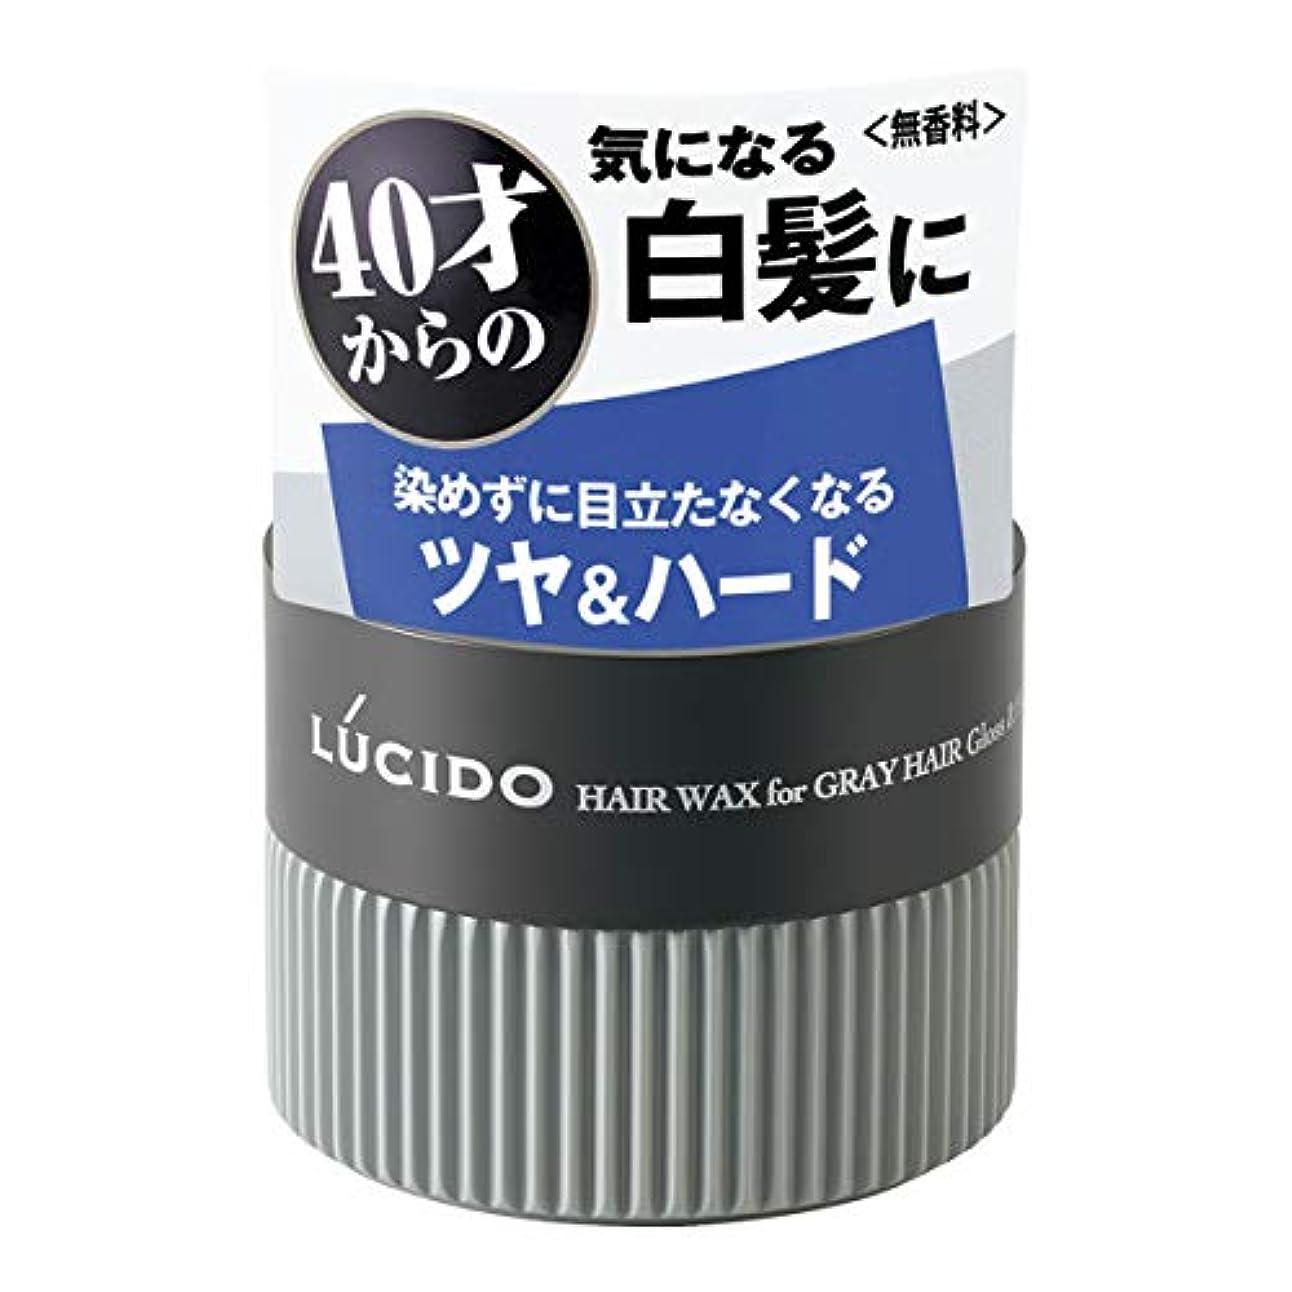 嫌いこれまで塗抹LUCIDO(ルシード) ヘアワックス 白髪用ワックス グロス&ハード 80g